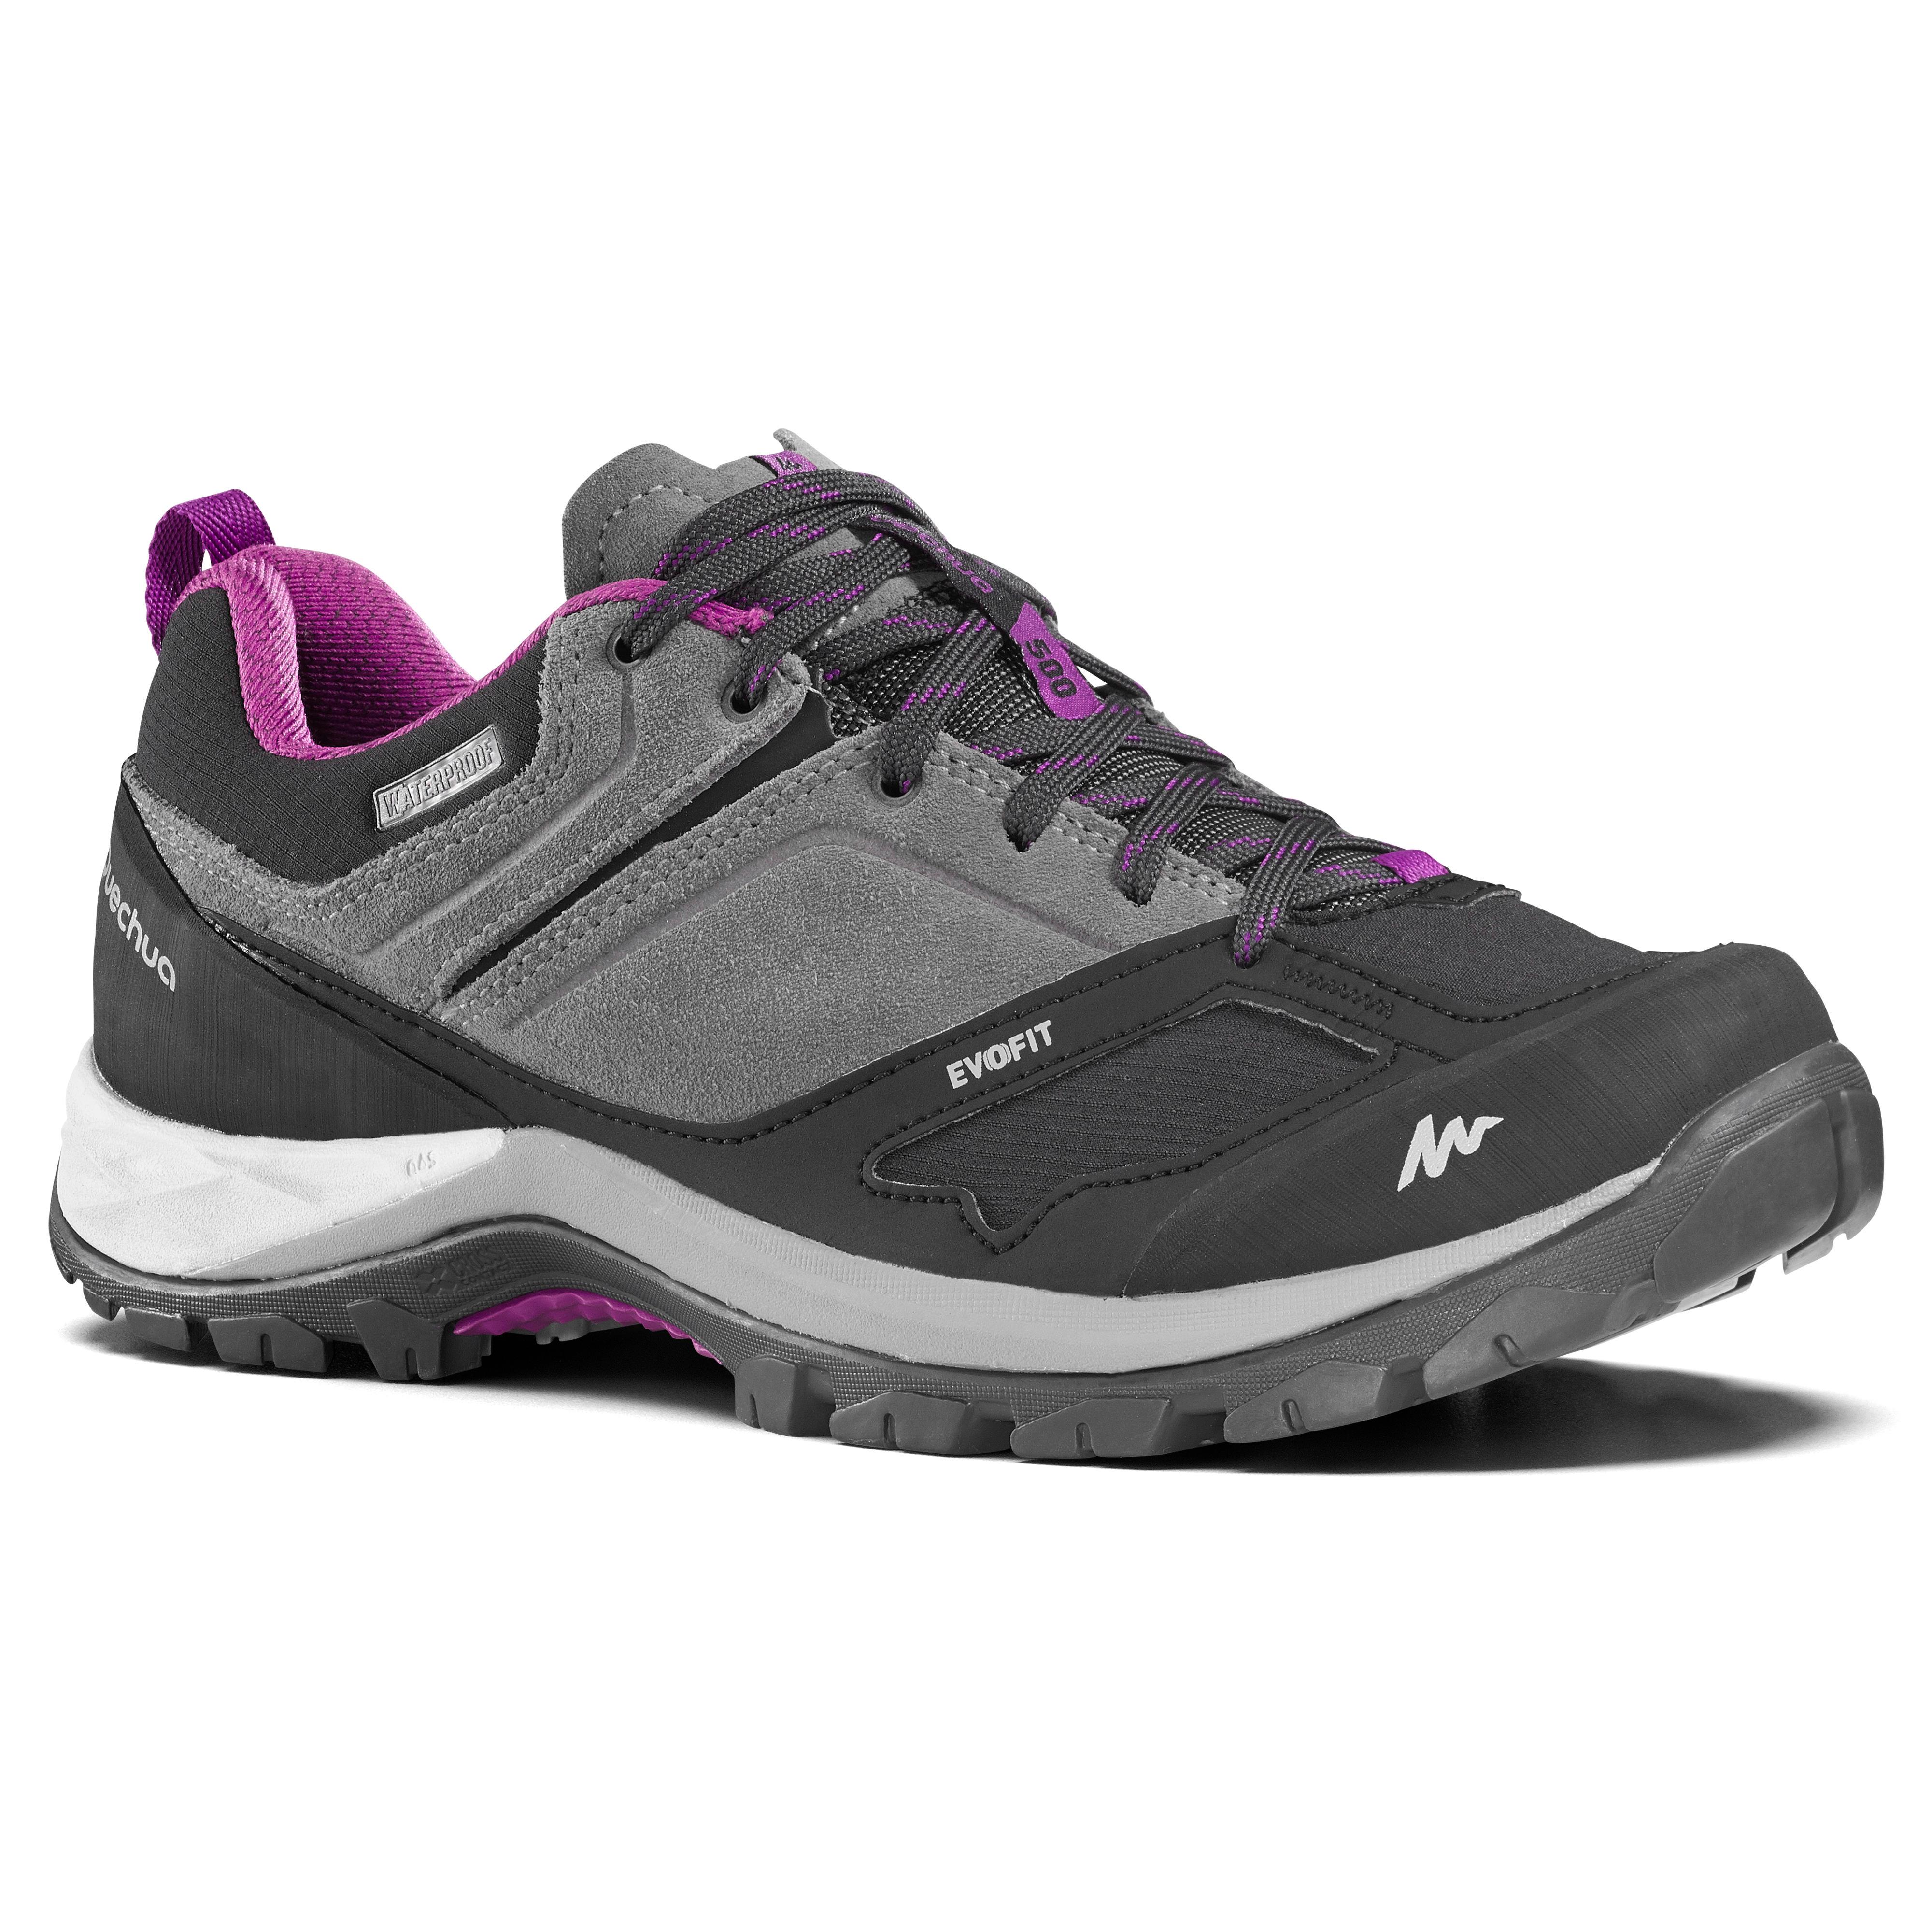 demostración detergente Mente  zapatillas nike decathlon mujer - Tienda Online de Zapatos, Ropa y  Complementos de marca